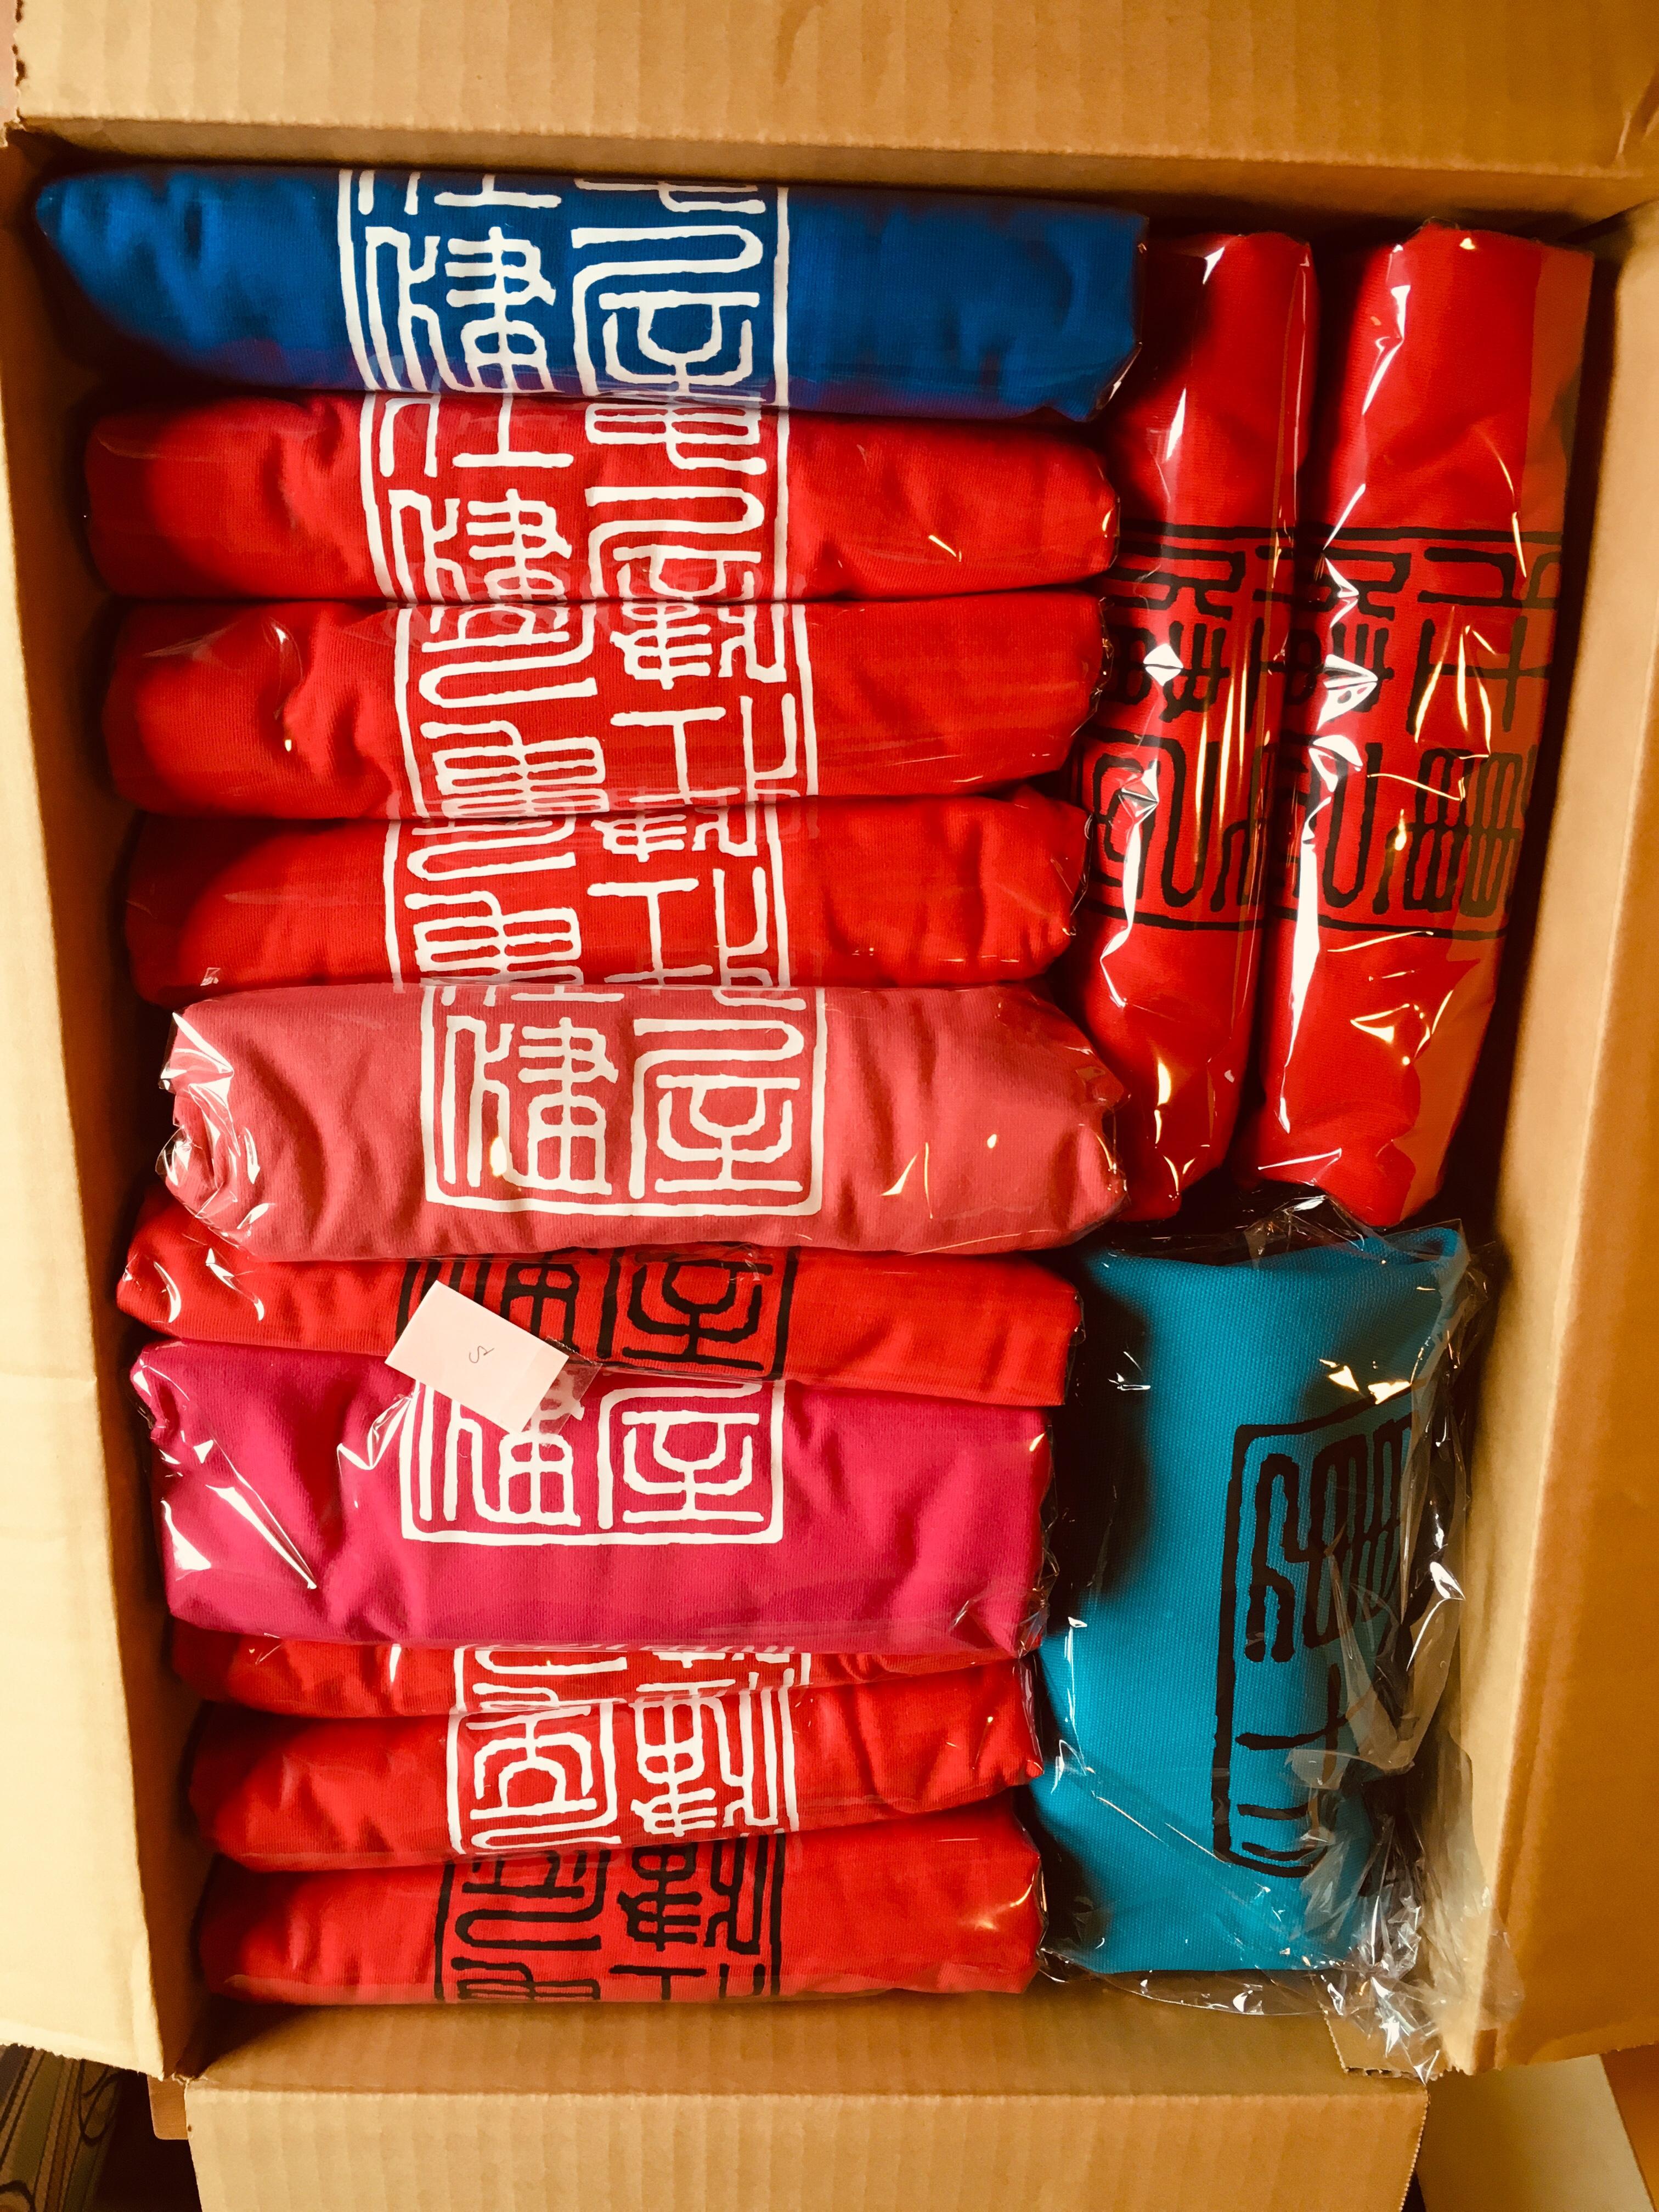 亀屋壮健三周年記念Tシャツいただきました